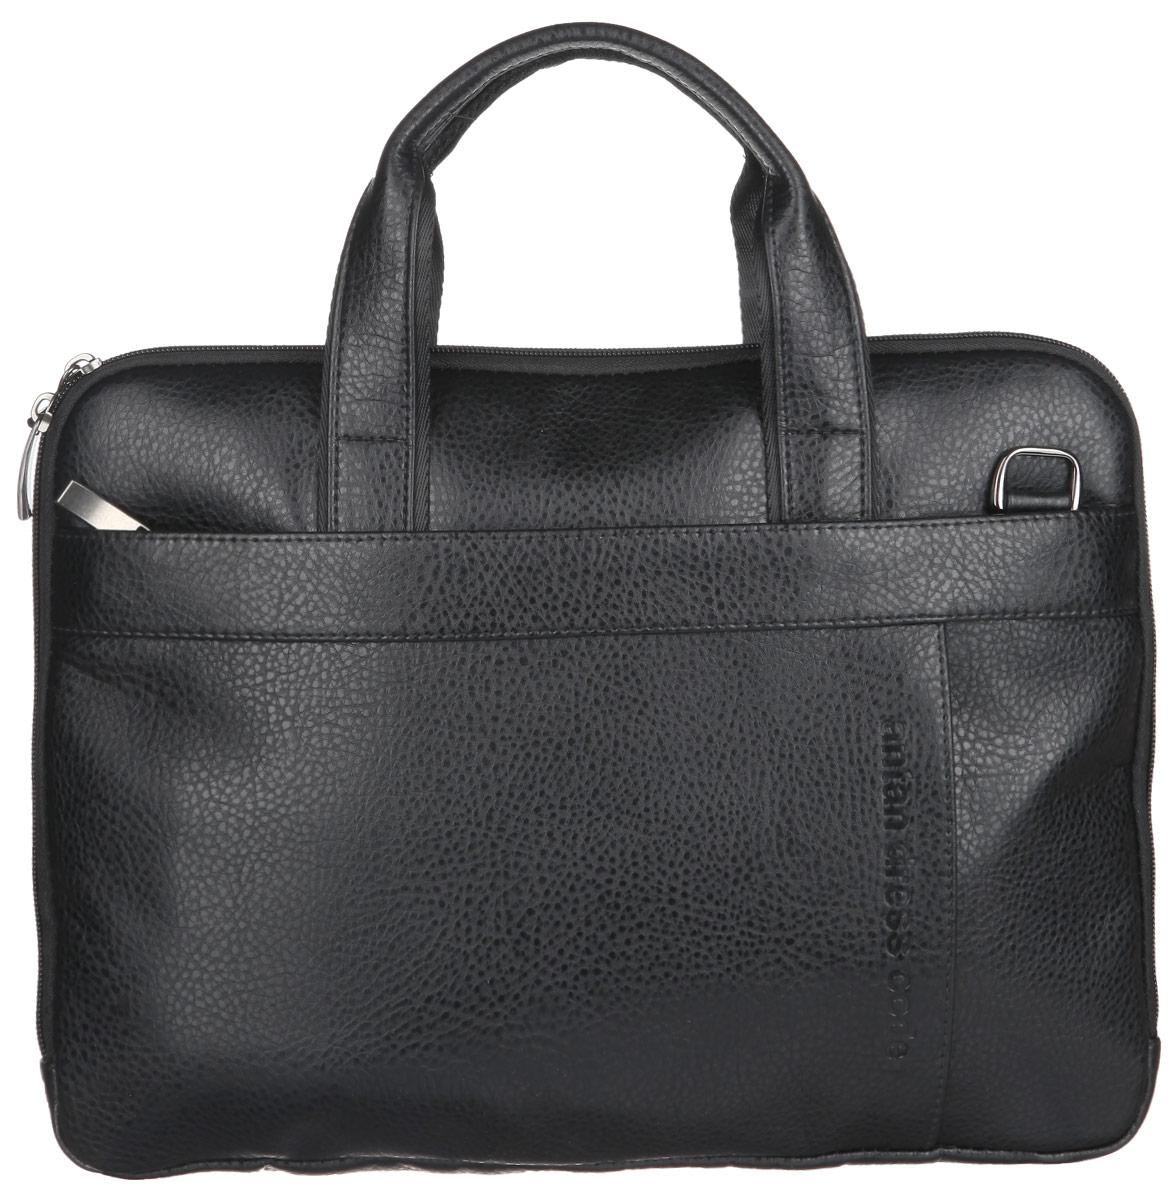 Сумка мужская Antan, цвет: черный. 8-1 В8-1 ВСтильная мужская сумка Antan выполнена из искусственной кожи, оформлена металлической фурнитурой и символикой бренда. Изделие содержит одно отделение, которое закрывается на застежку-молнию. Внутри размещен врезной карман на молнии. Снаружи, на передней и тыльной стенках сумки, расположены три накладных кармана, каждый из которых закрывается на застежку-молнию. Сумка оснащена двумя практичными ручками и съемным плечевым ремнем регулируемой длины, которые позволят носить изделие, как в руках, так и на плече. Сумка Antan прекрасно дополнит ваш деловой образ.